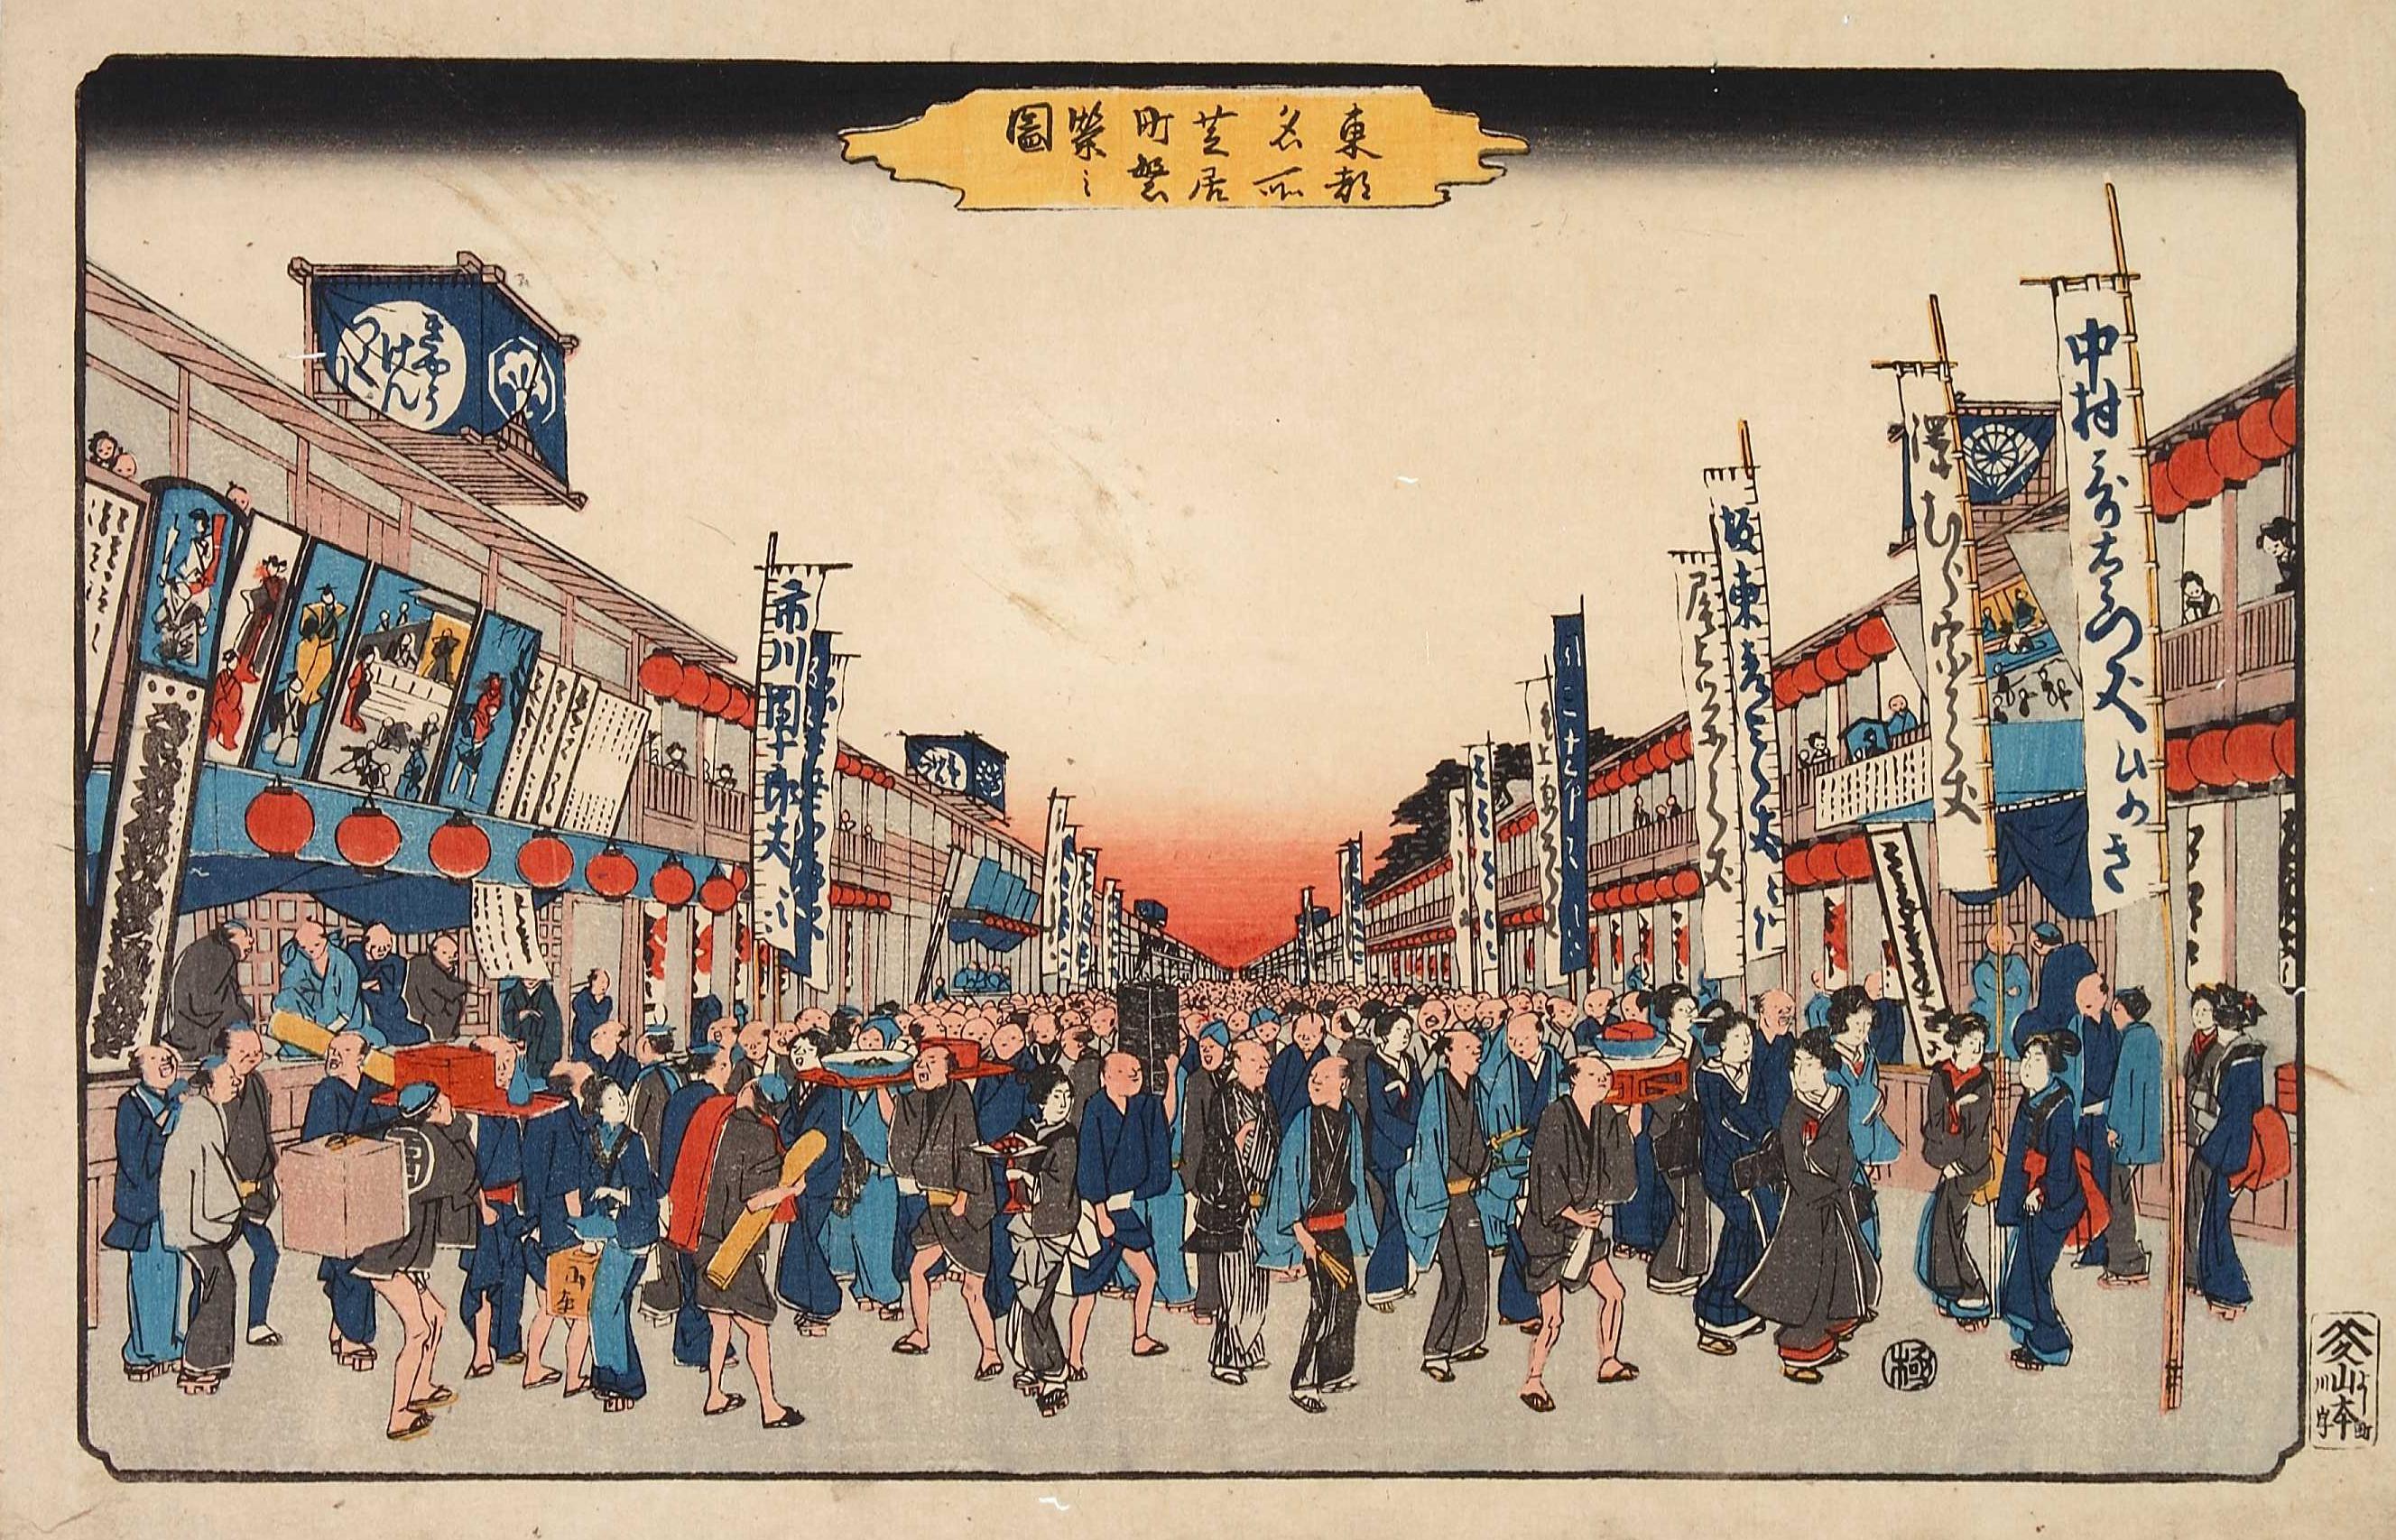 Tōto Meisho - Shibai-chō Hanei no Zu